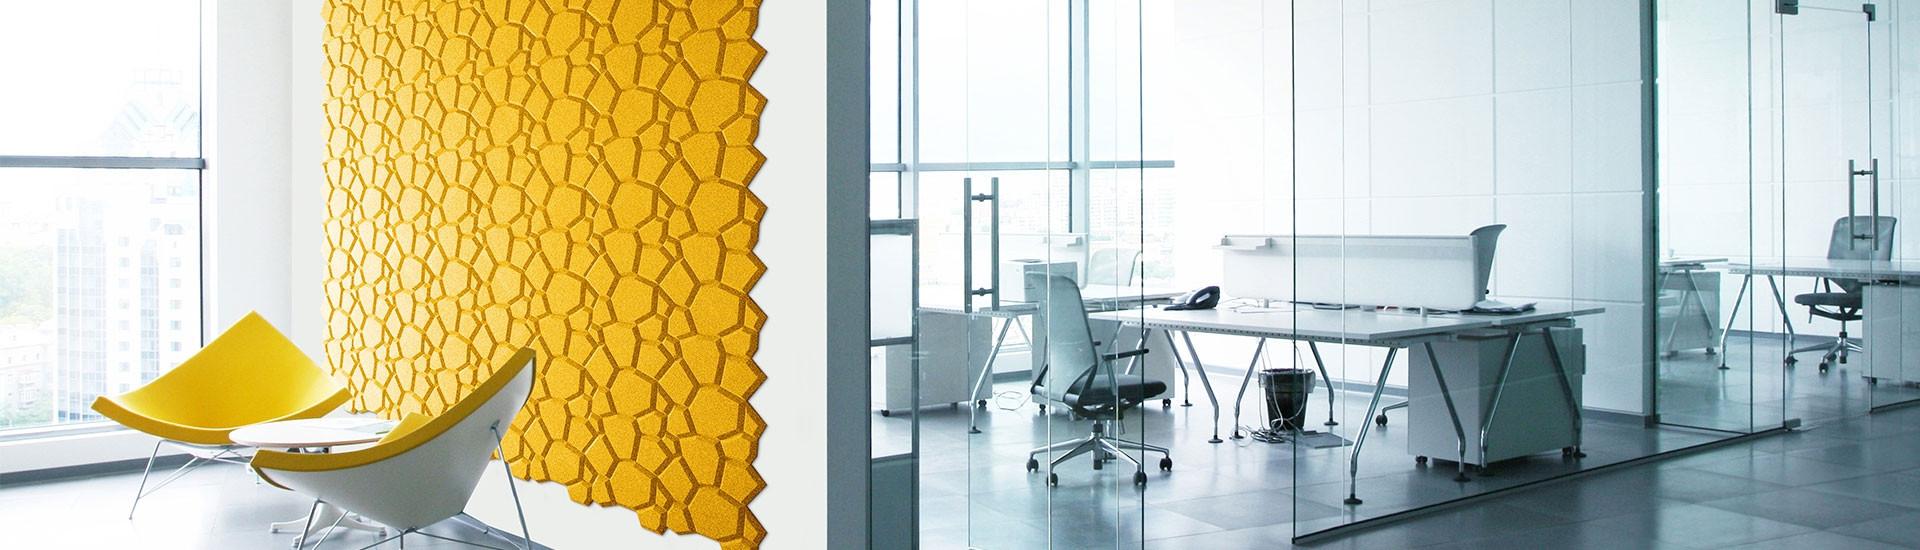 beehive_yellow_new-11323610012017.jpg